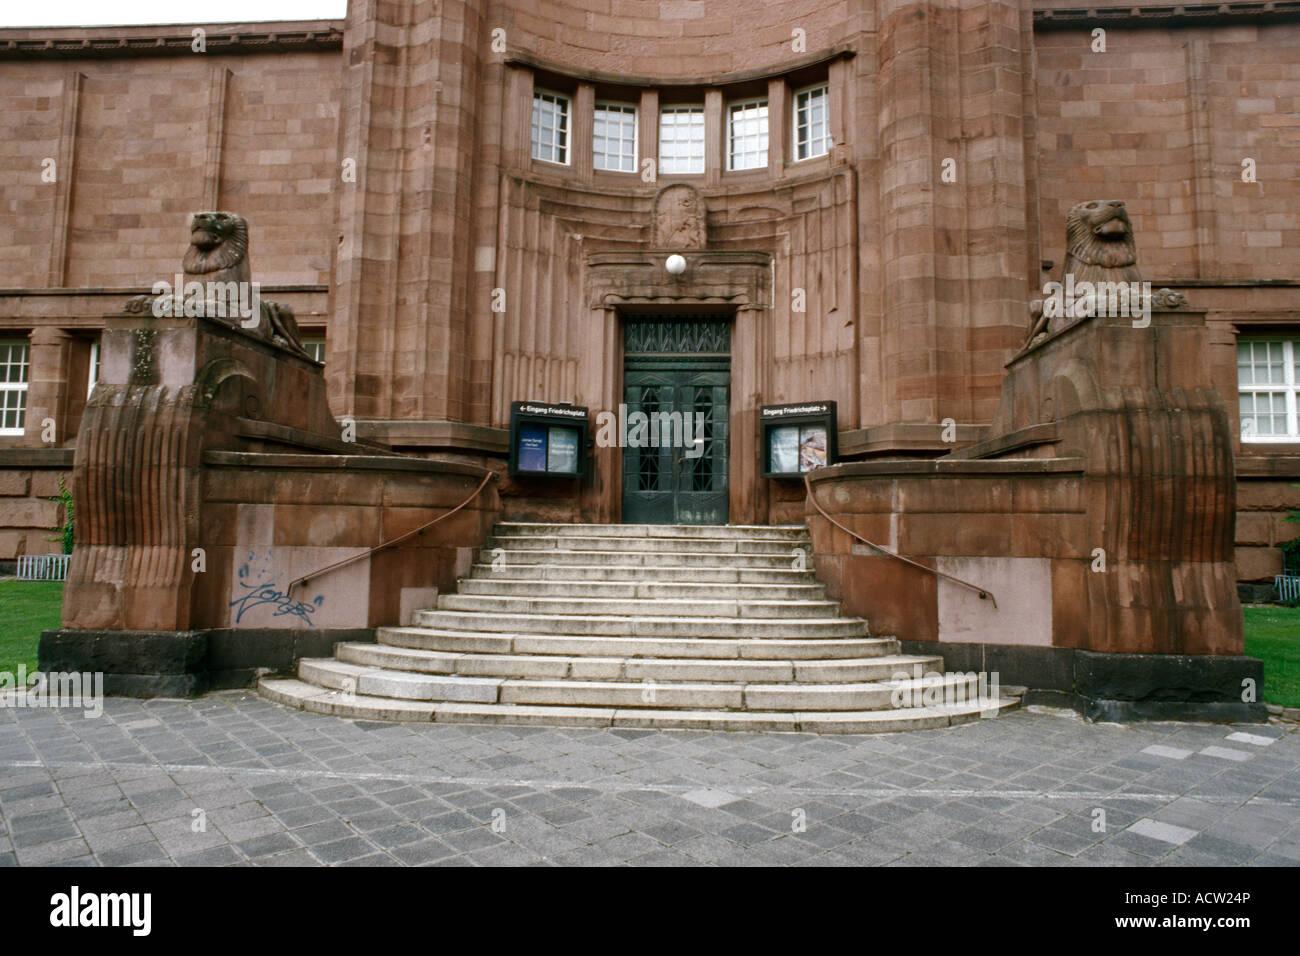 La Kunsthalle di galleria d'arte pubblica Mannheim Germania Immagini Stock